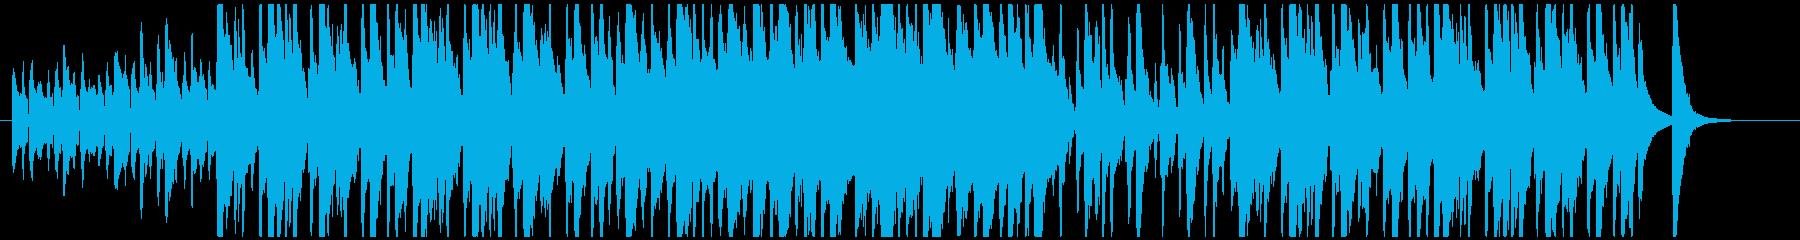 魔法がありそうな日常・異世界系BGM2の再生済みの波形